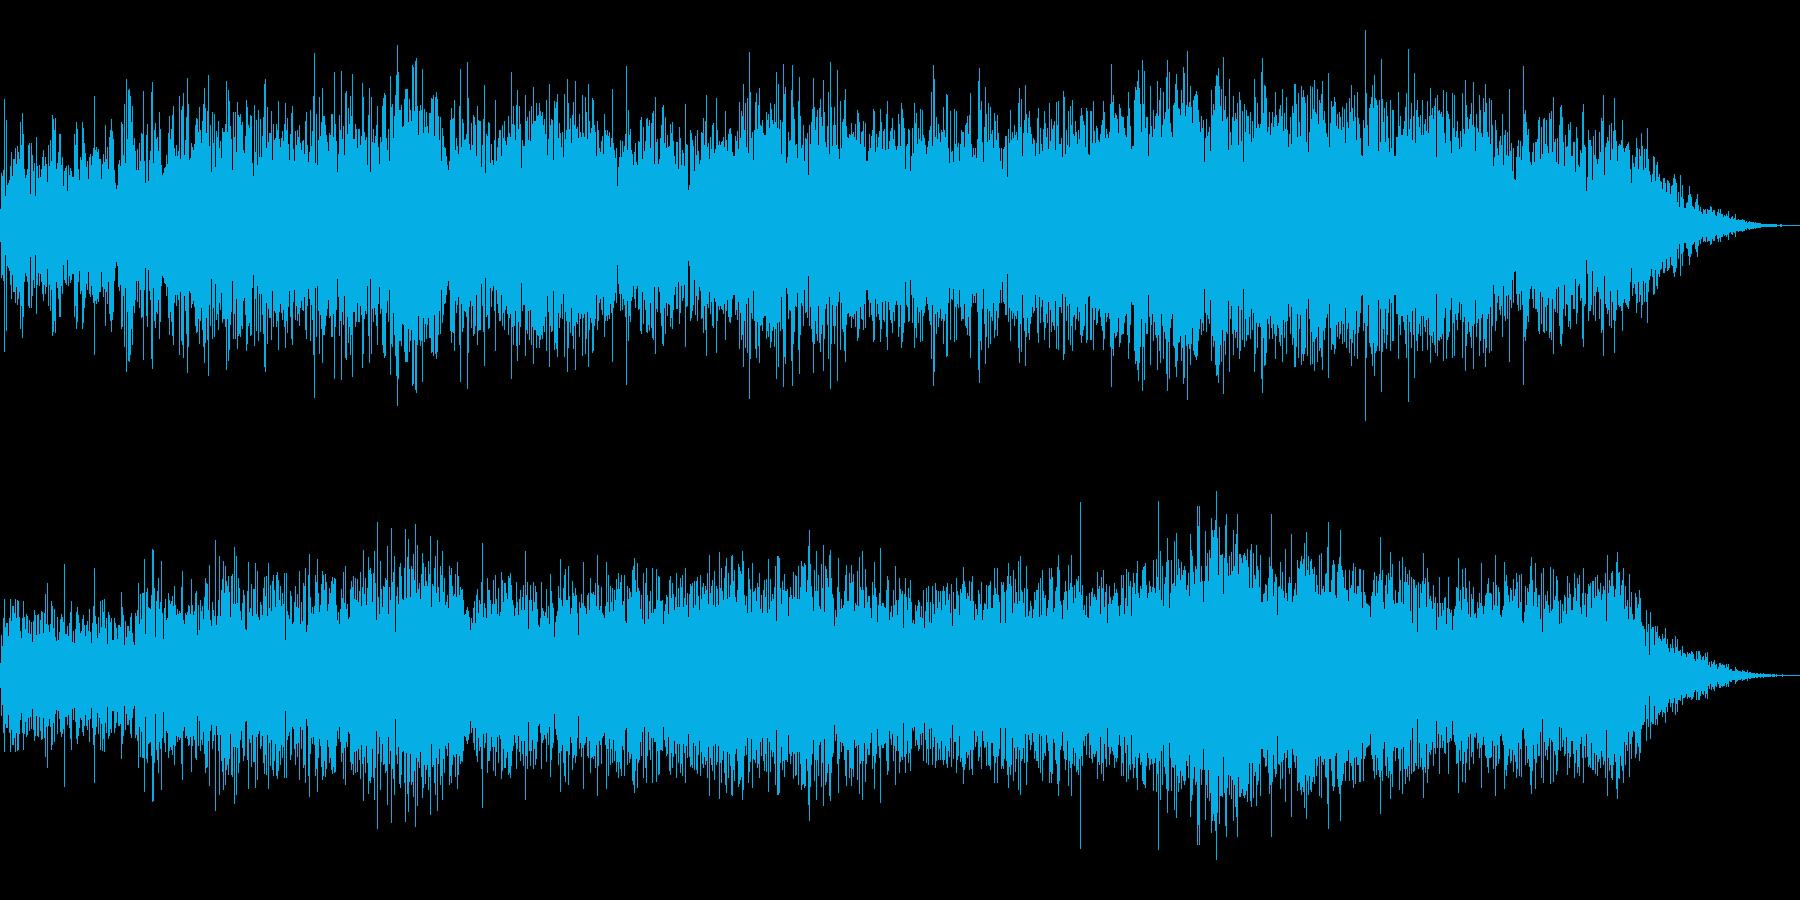 ホラー映画に出てきそうなノイズ系音源15の再生済みの波形